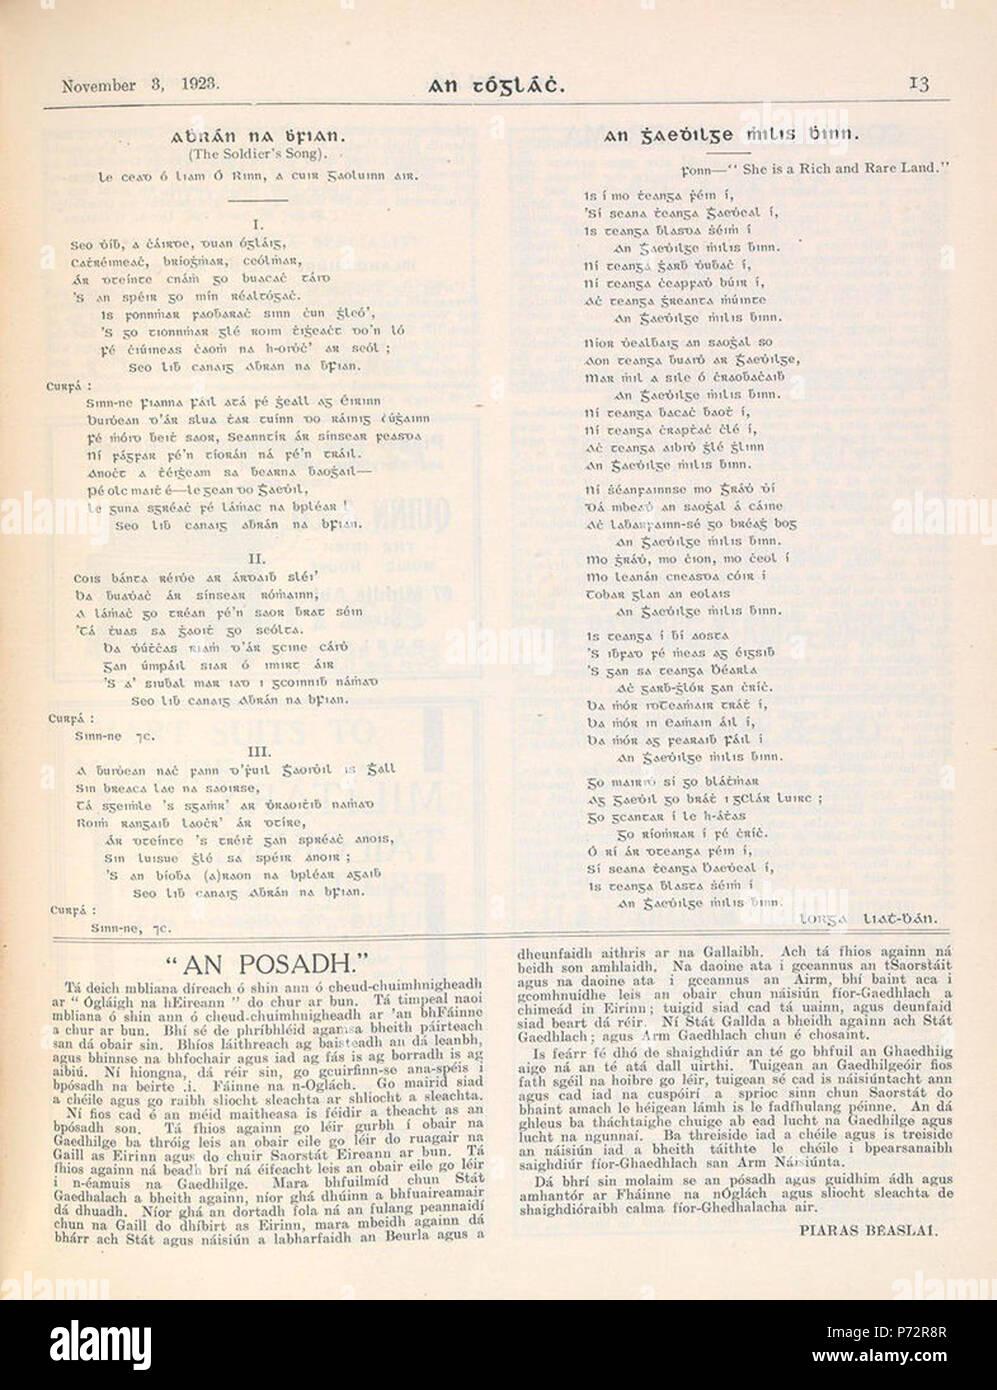 Inglés Himno Nacional De Irlanda En Irlandés Letras Desde 1923 El 3 De Noviembre De 1923 1 Himno Nacional Irlandés 1923 Fotografía De Stock Alamy